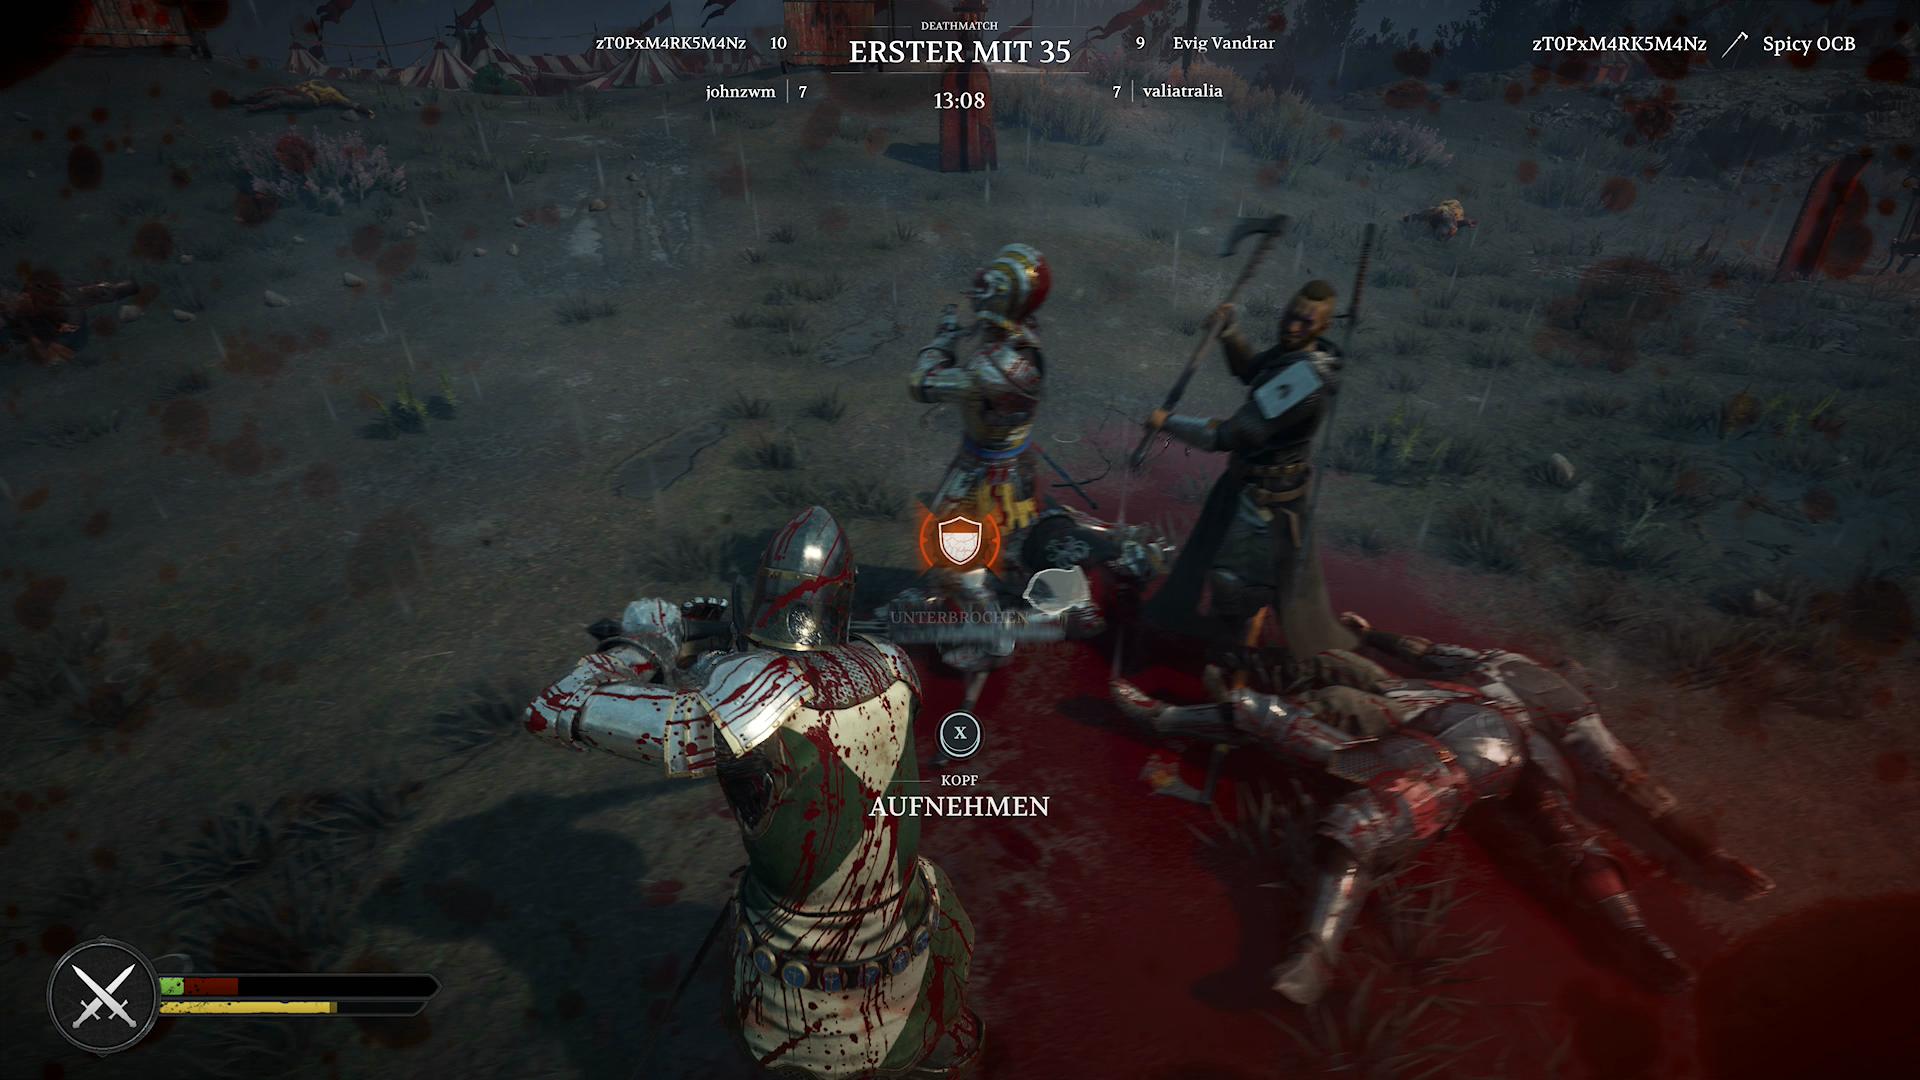 Chivbalry 2 Schlacht